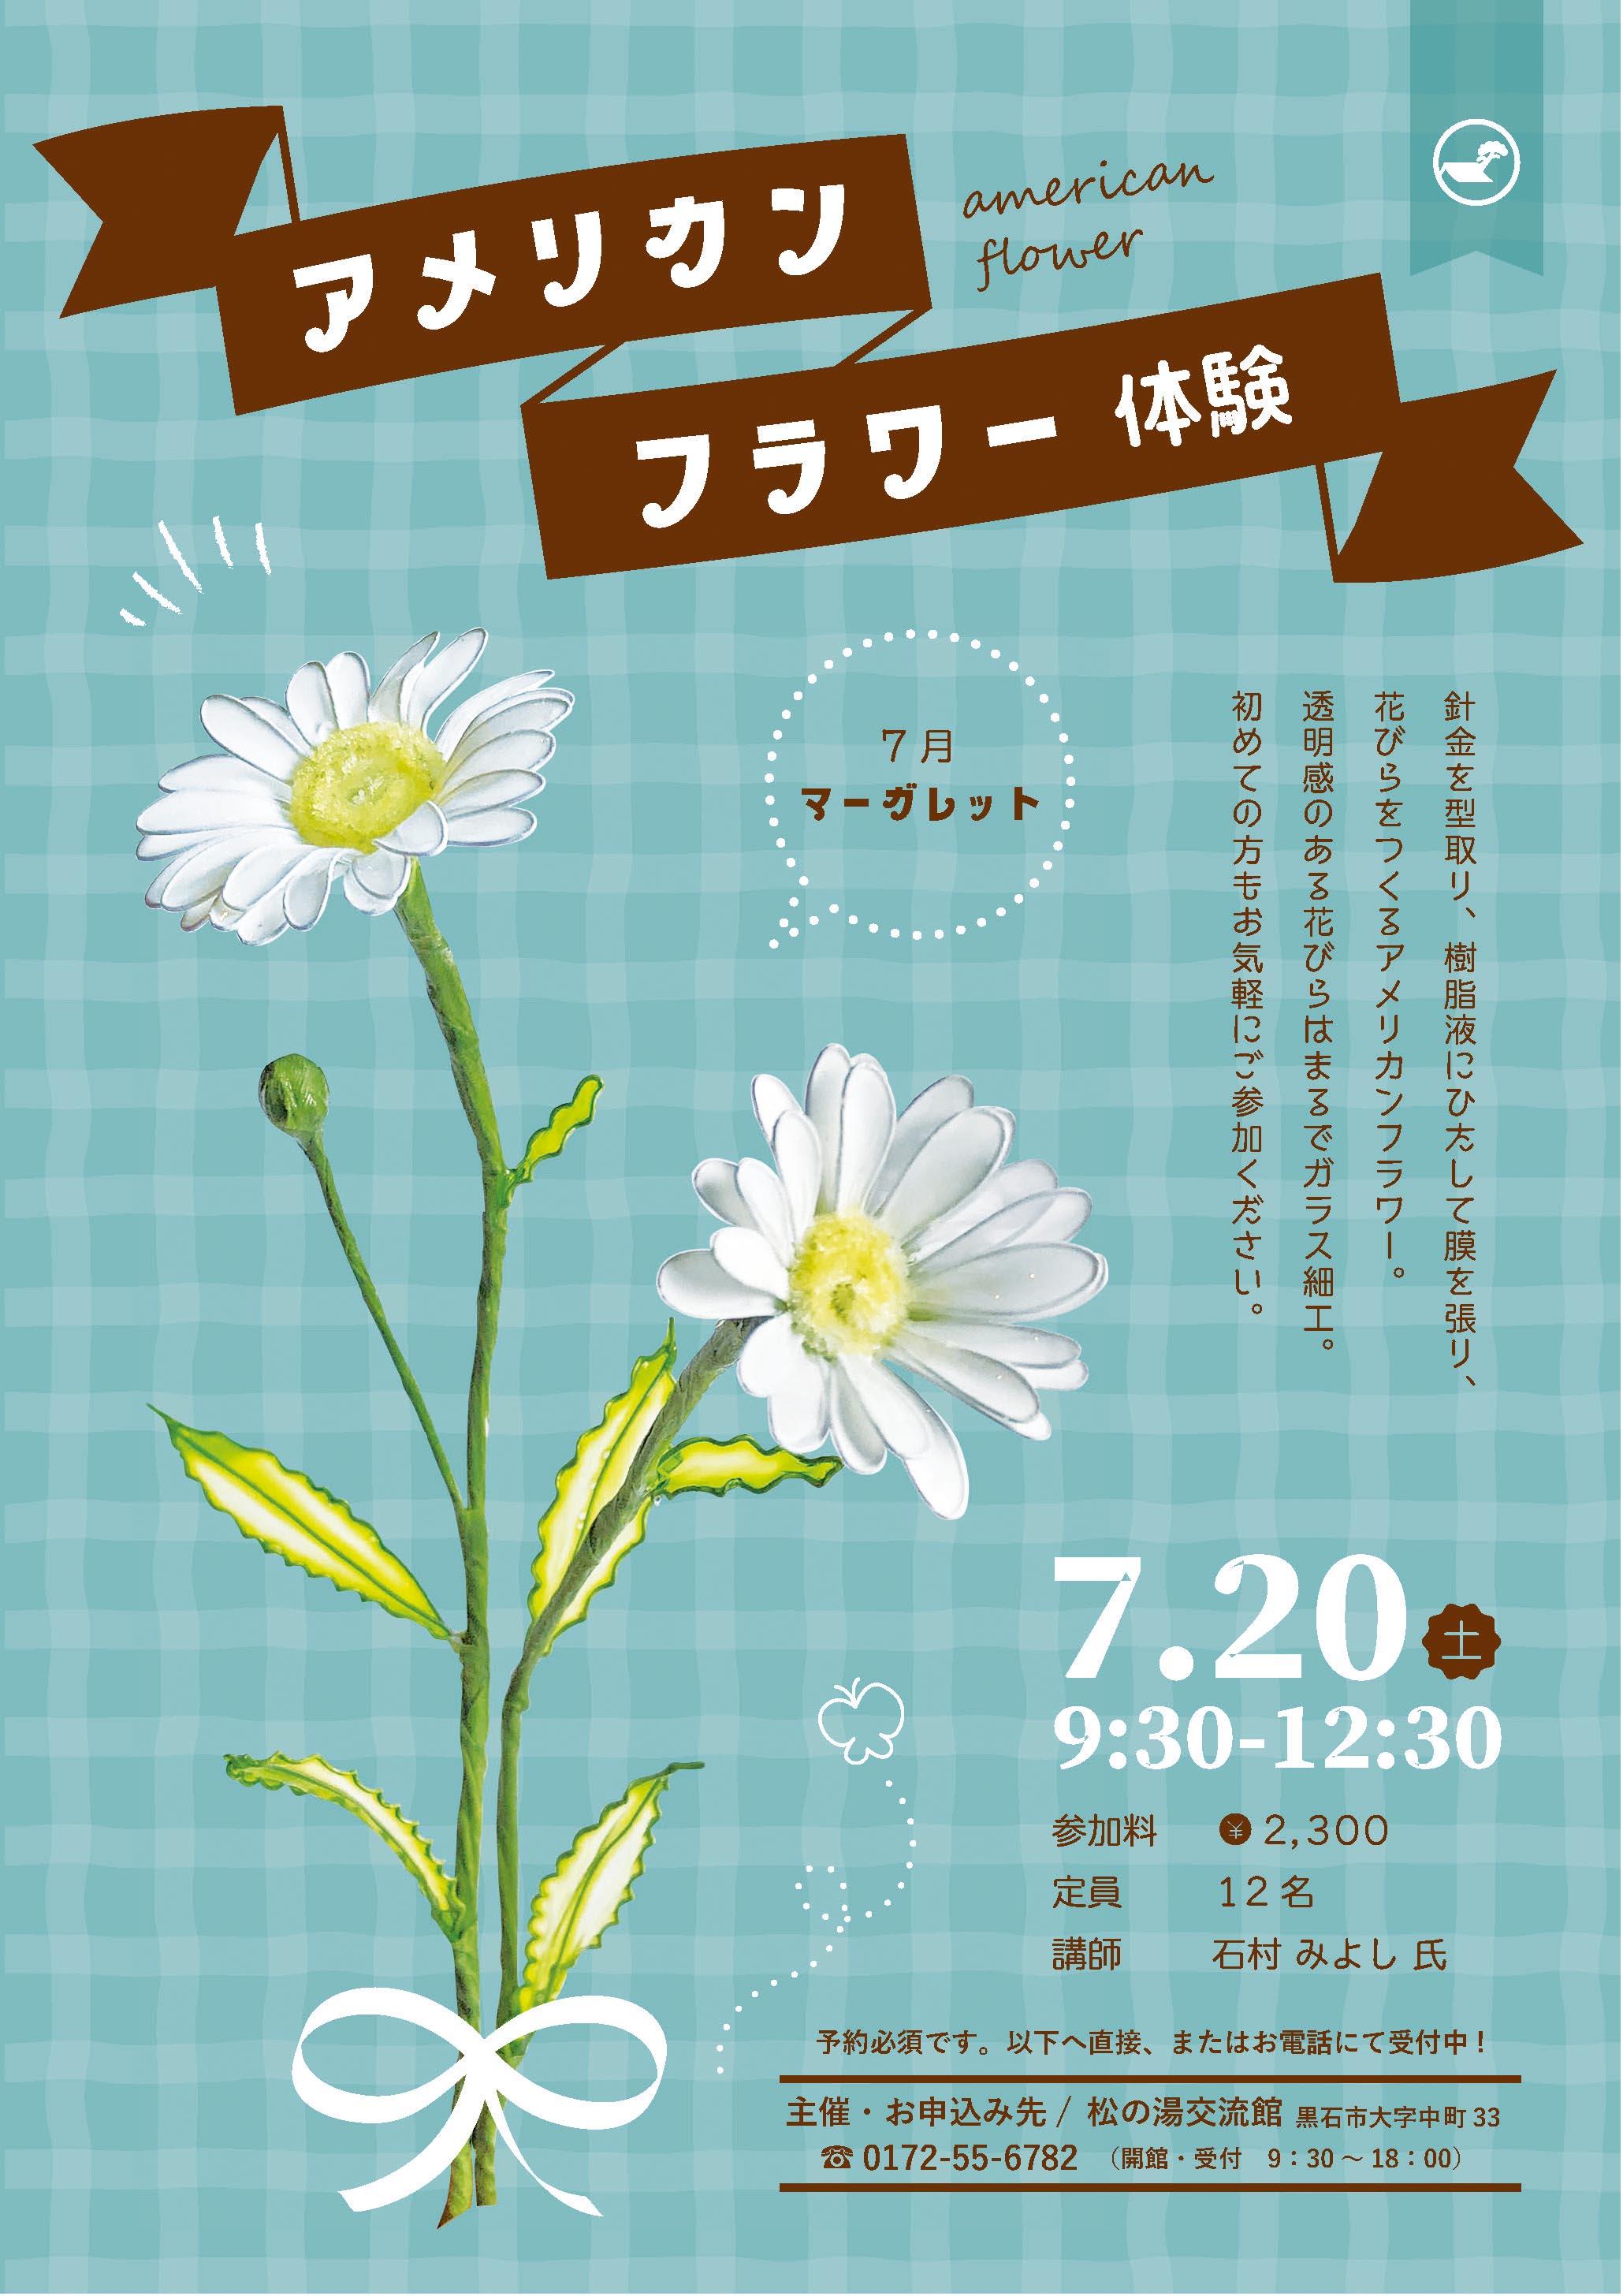 アメリカンフラワー体験~マーガレット~7/20(土)